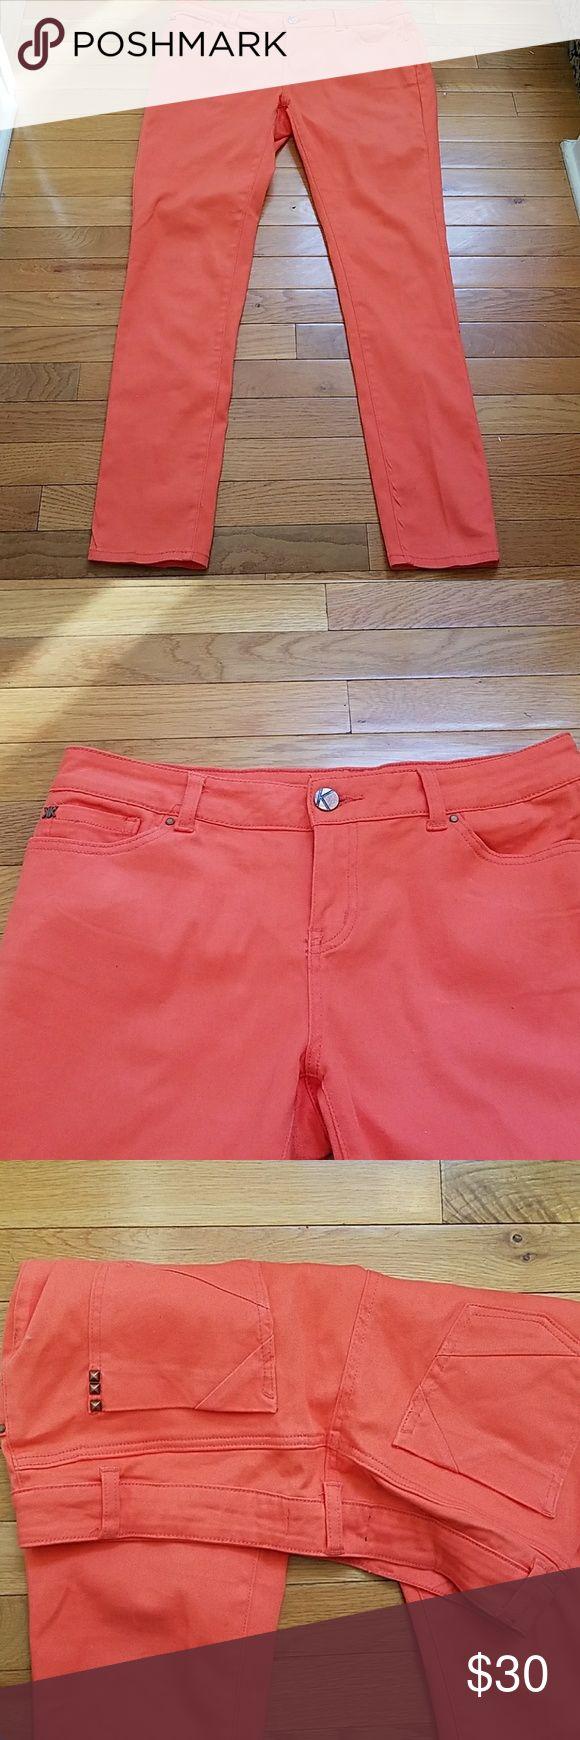 KARDASHIAN KOLLECTION SKINNY JEANS Cute Kardashian Kollection skinny jeans Kardashian Kollection Jeans Skinny